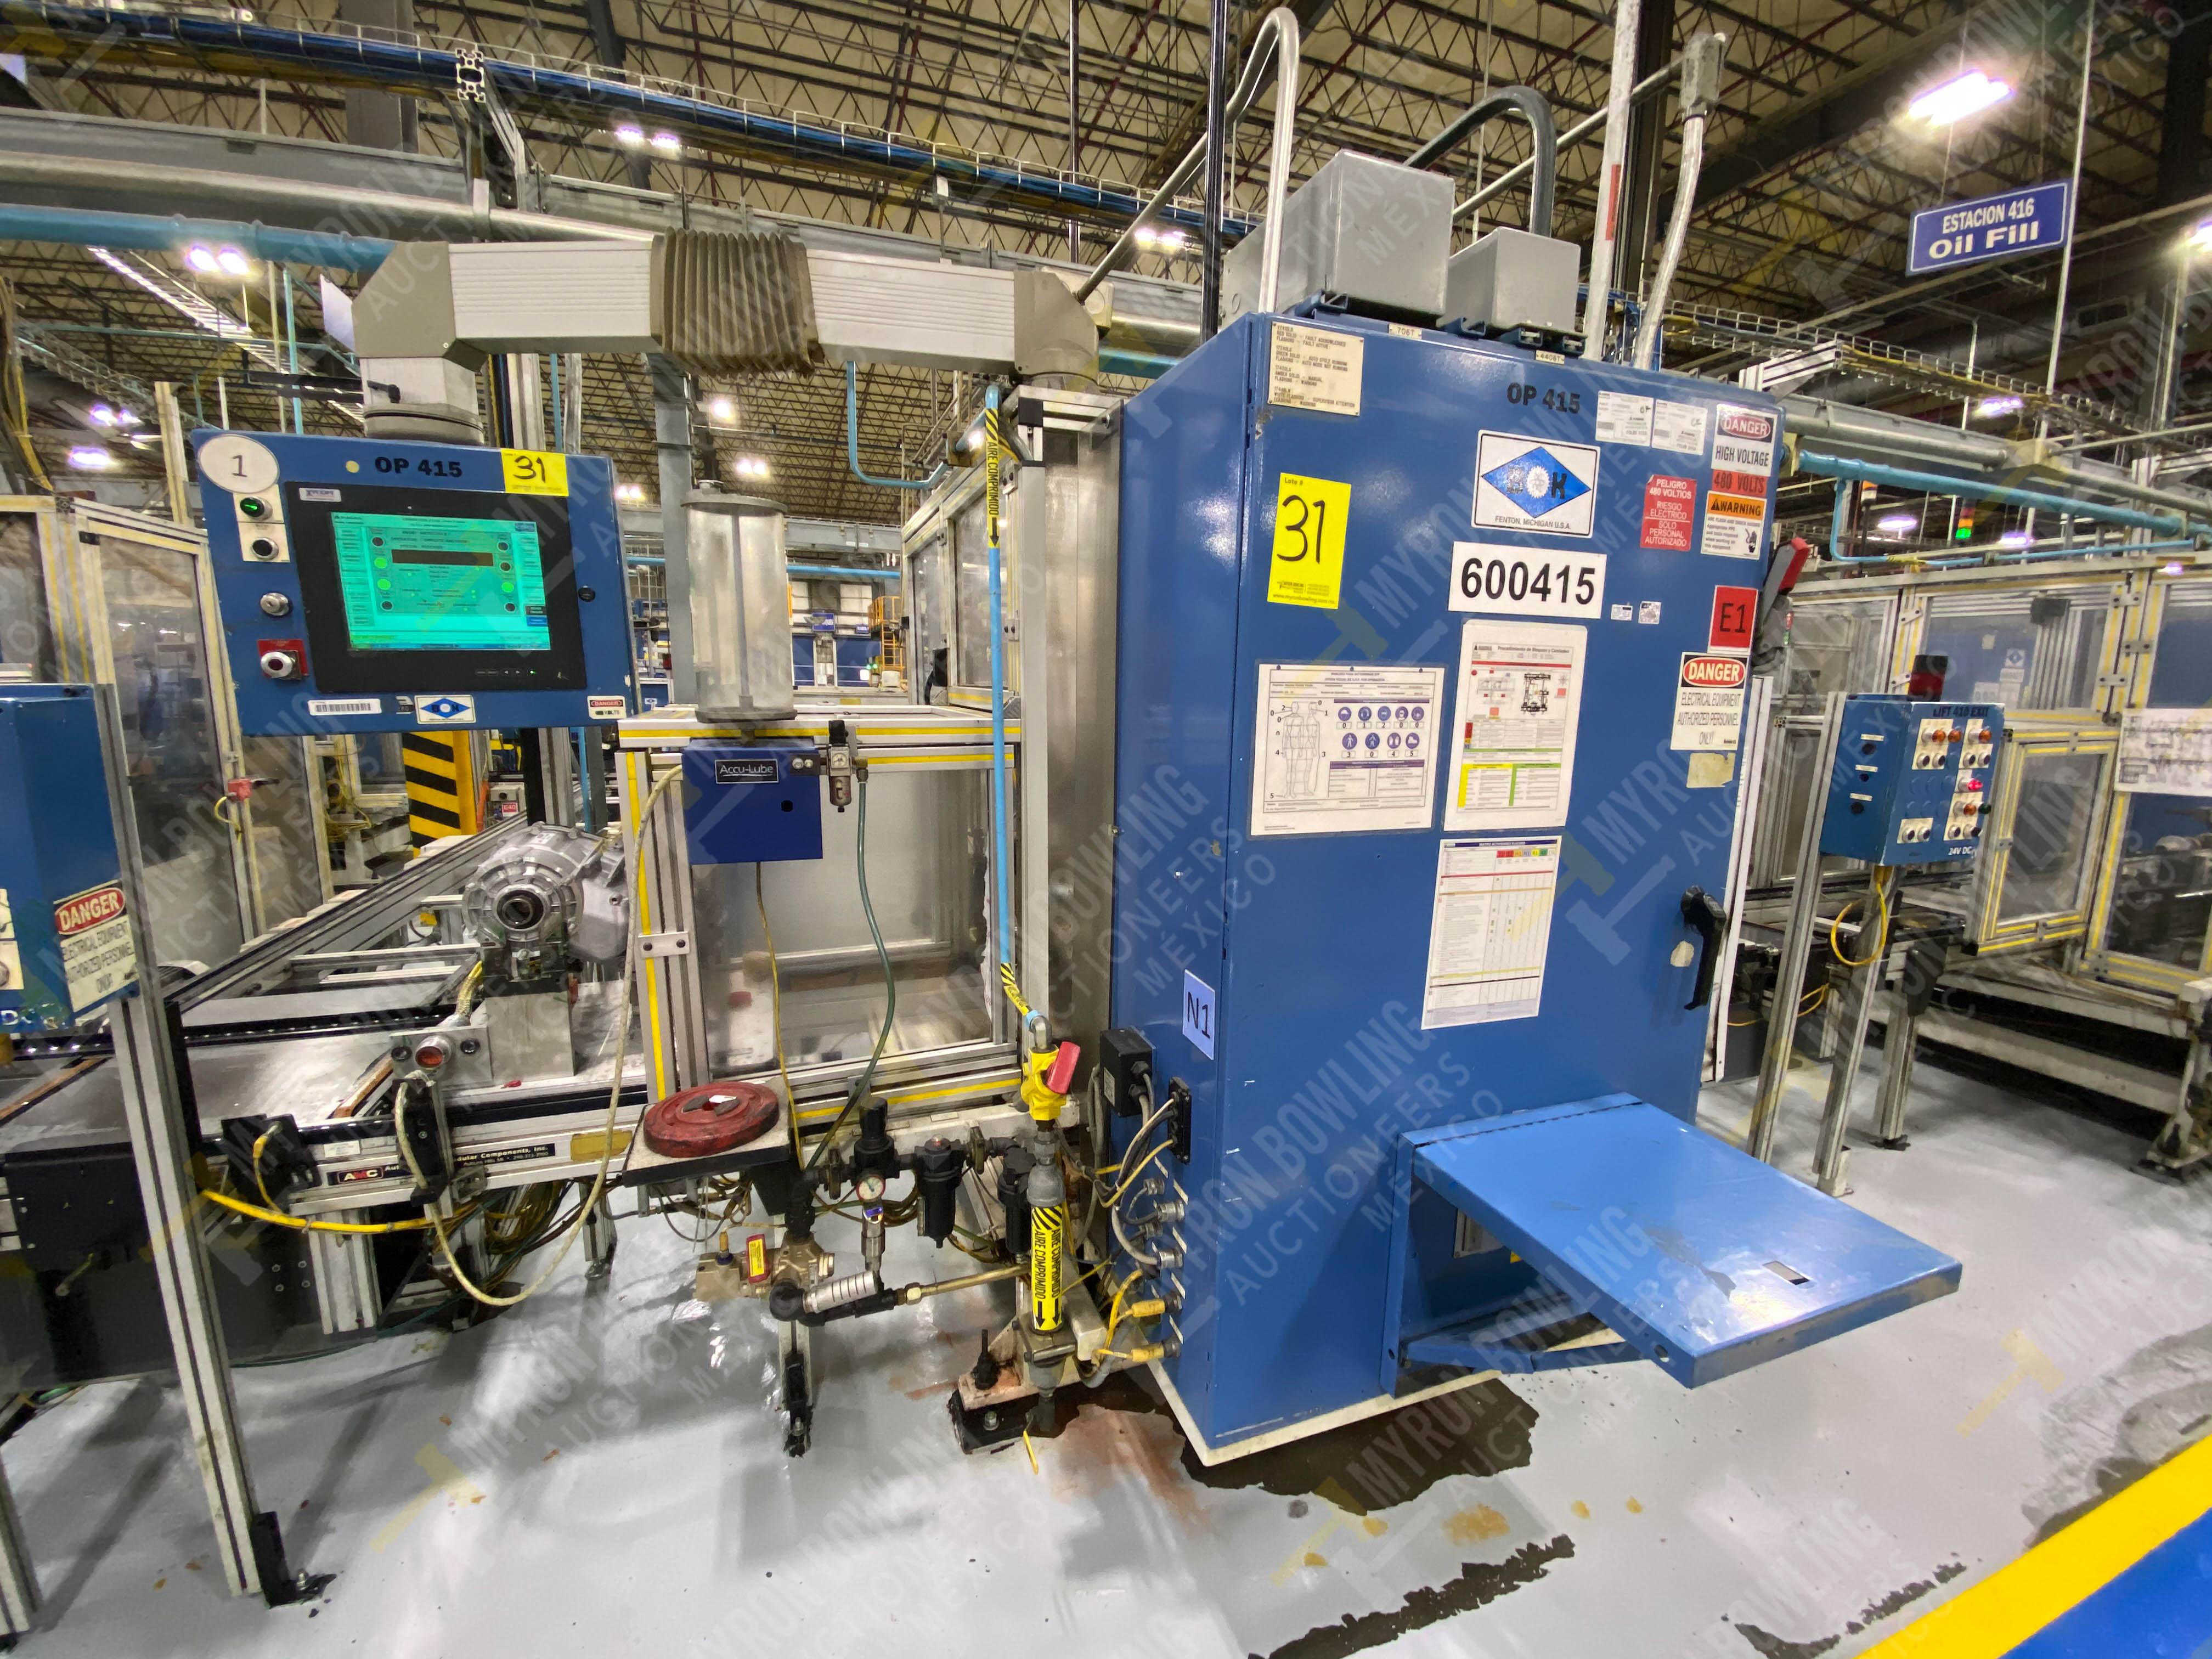 Estación semiautomática para operación 416, contiene: Sistema de llenado de aceite - Image 4 of 20